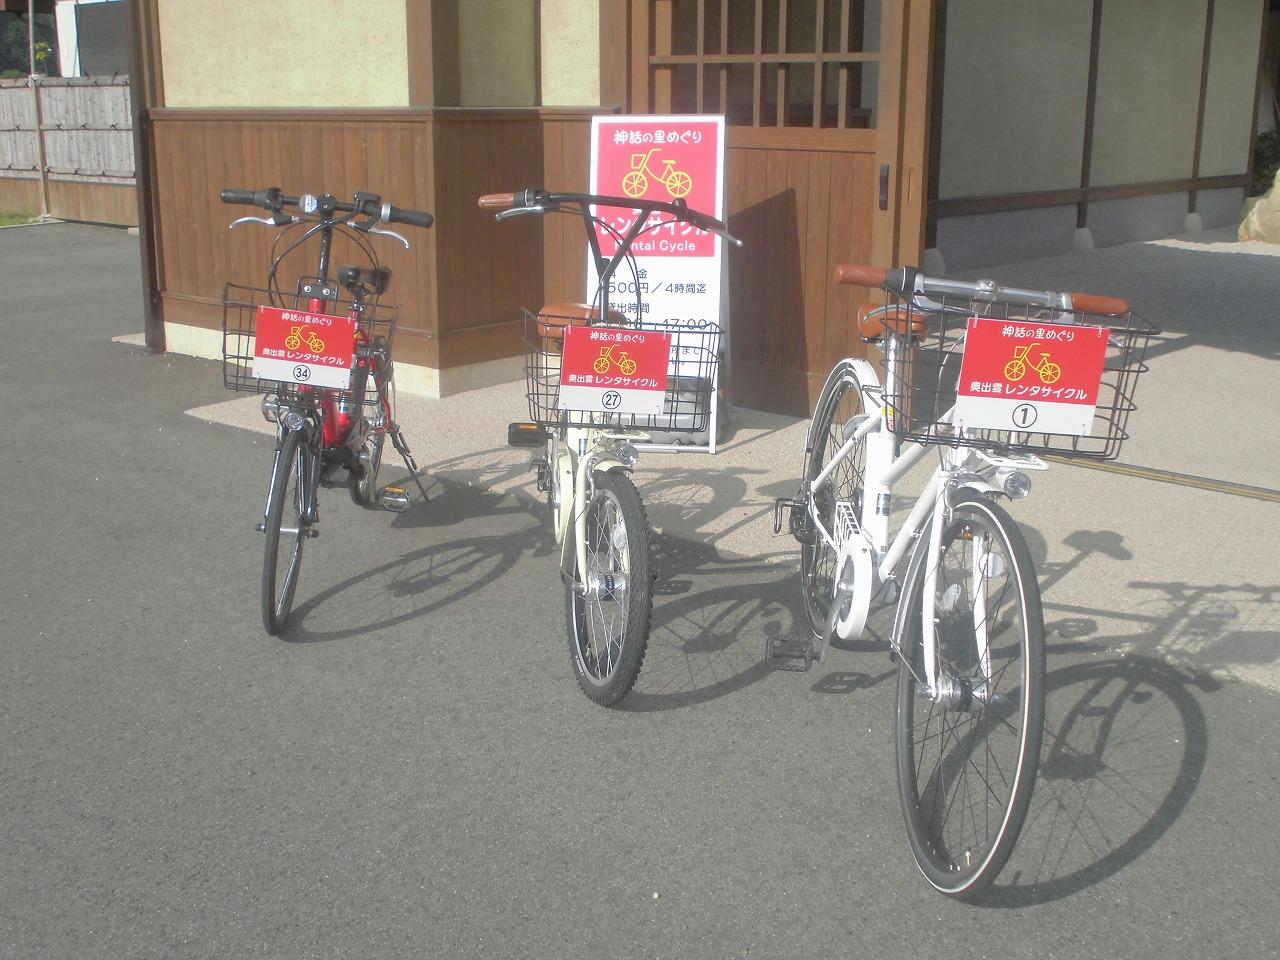 サイクリング自転車(サンプル)